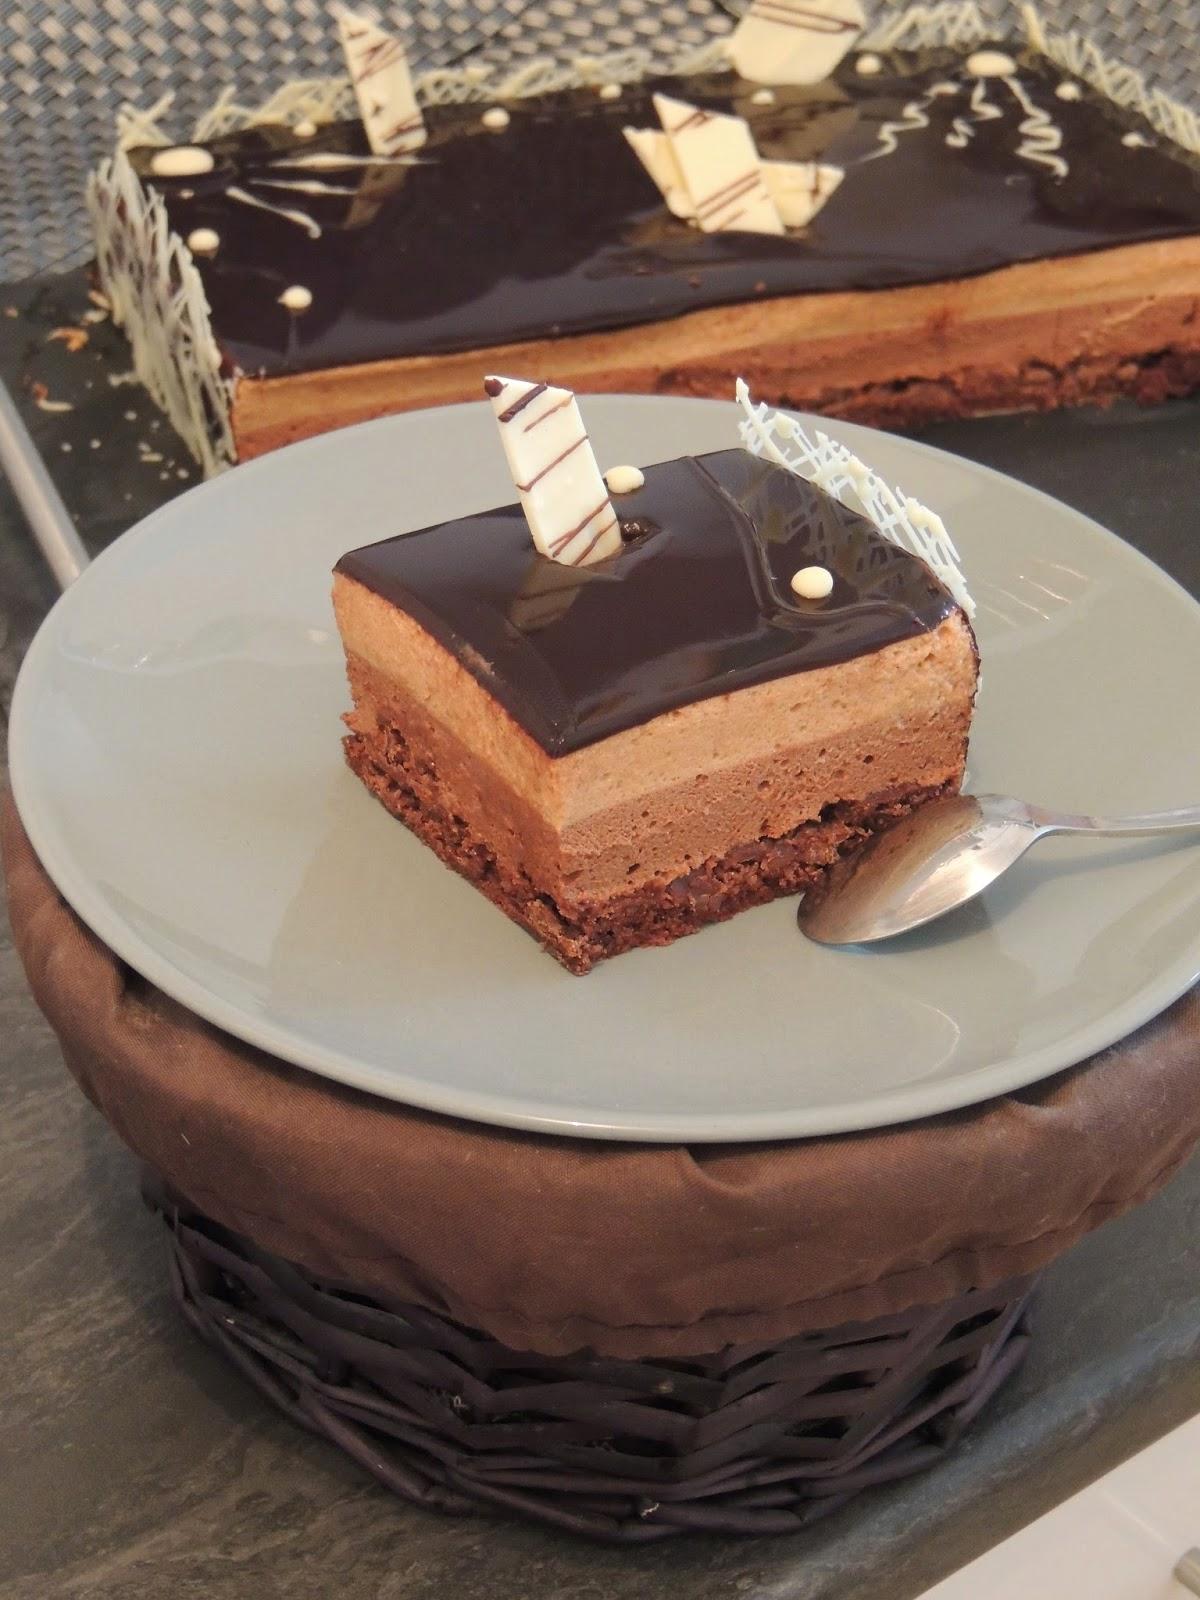 Gateau au chocolat et croustillant praline